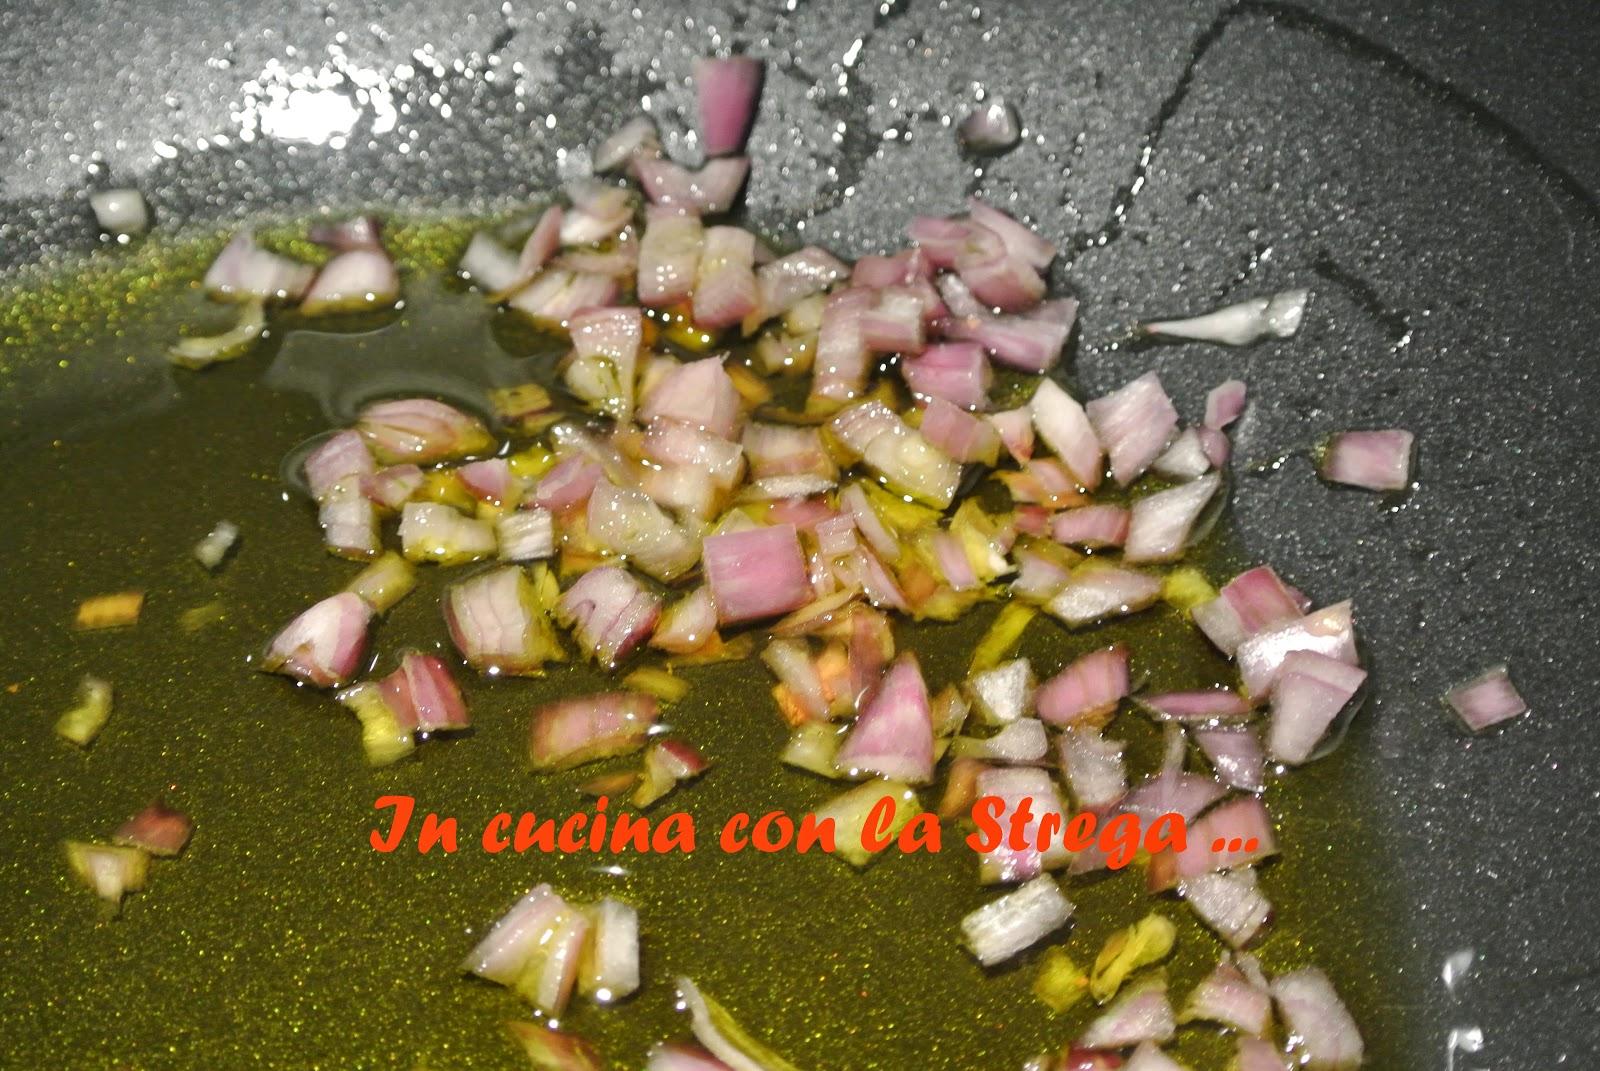 In cucina con la Strega ...: Risotto con gamberi, zucchine e limone